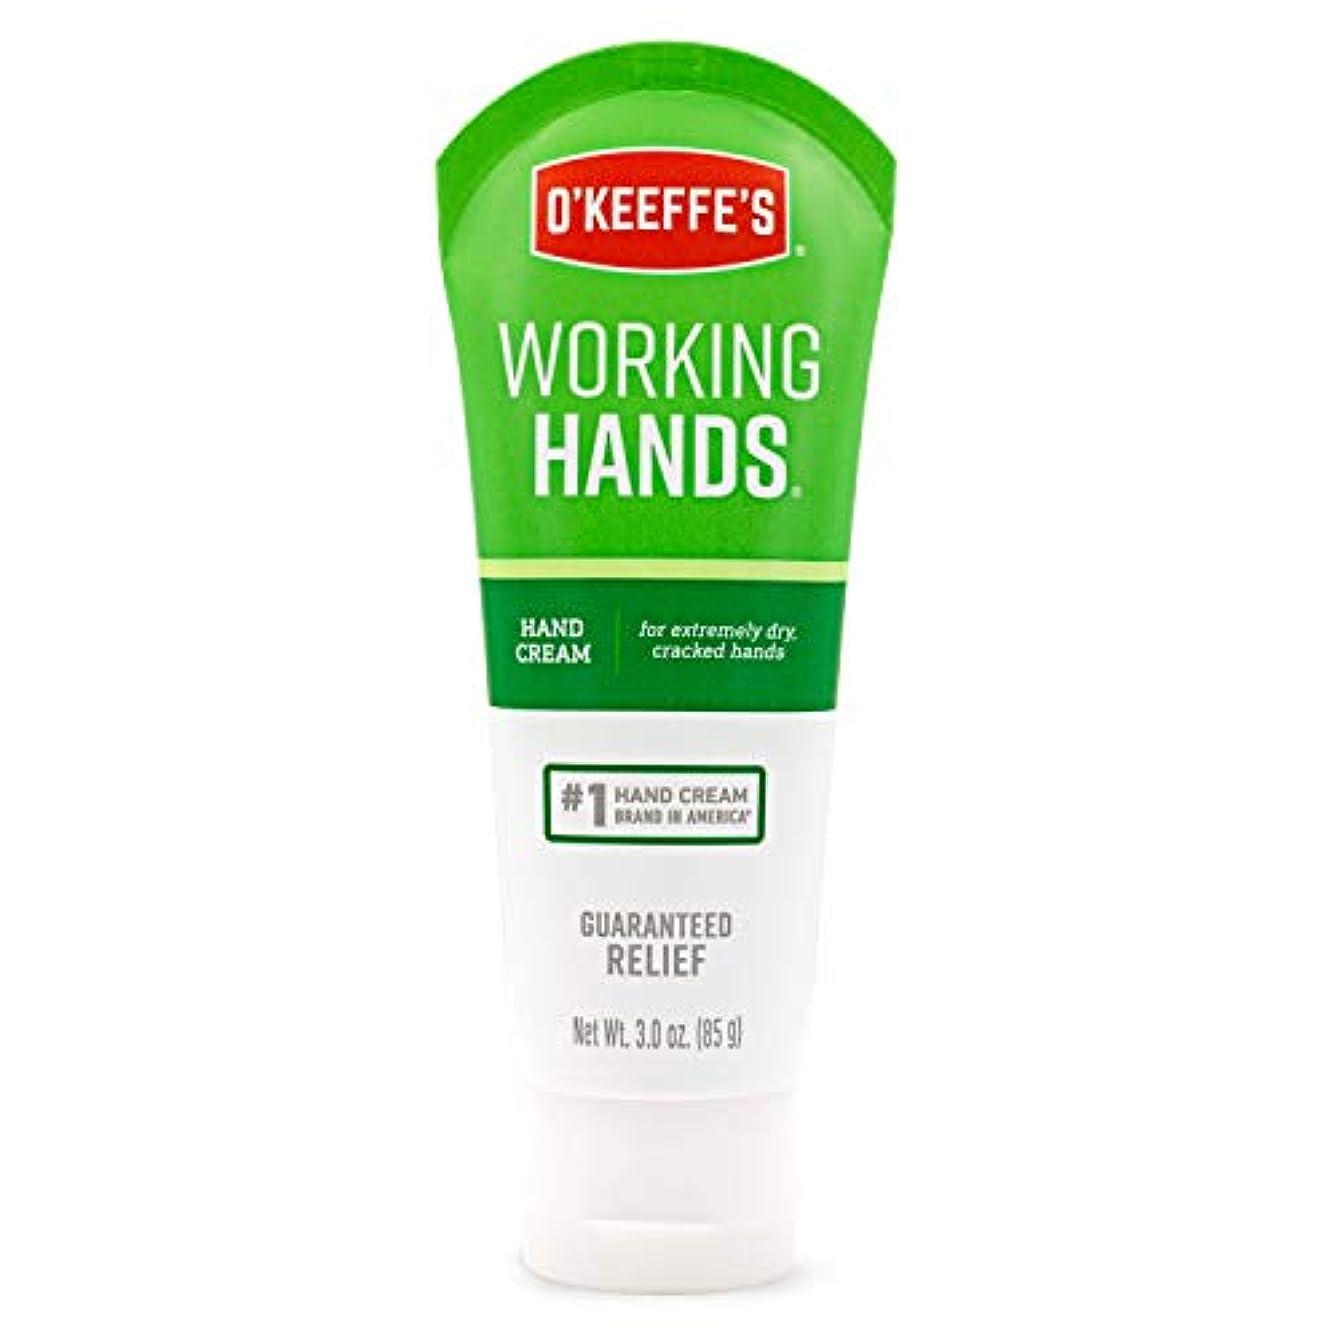 有益ウィザード堂々たるオキーフス ワーキングハンドクリーム チューブ  85g 1点 (並行輸入品) O'Keeffe's Working Hands Hand Cream 3oz